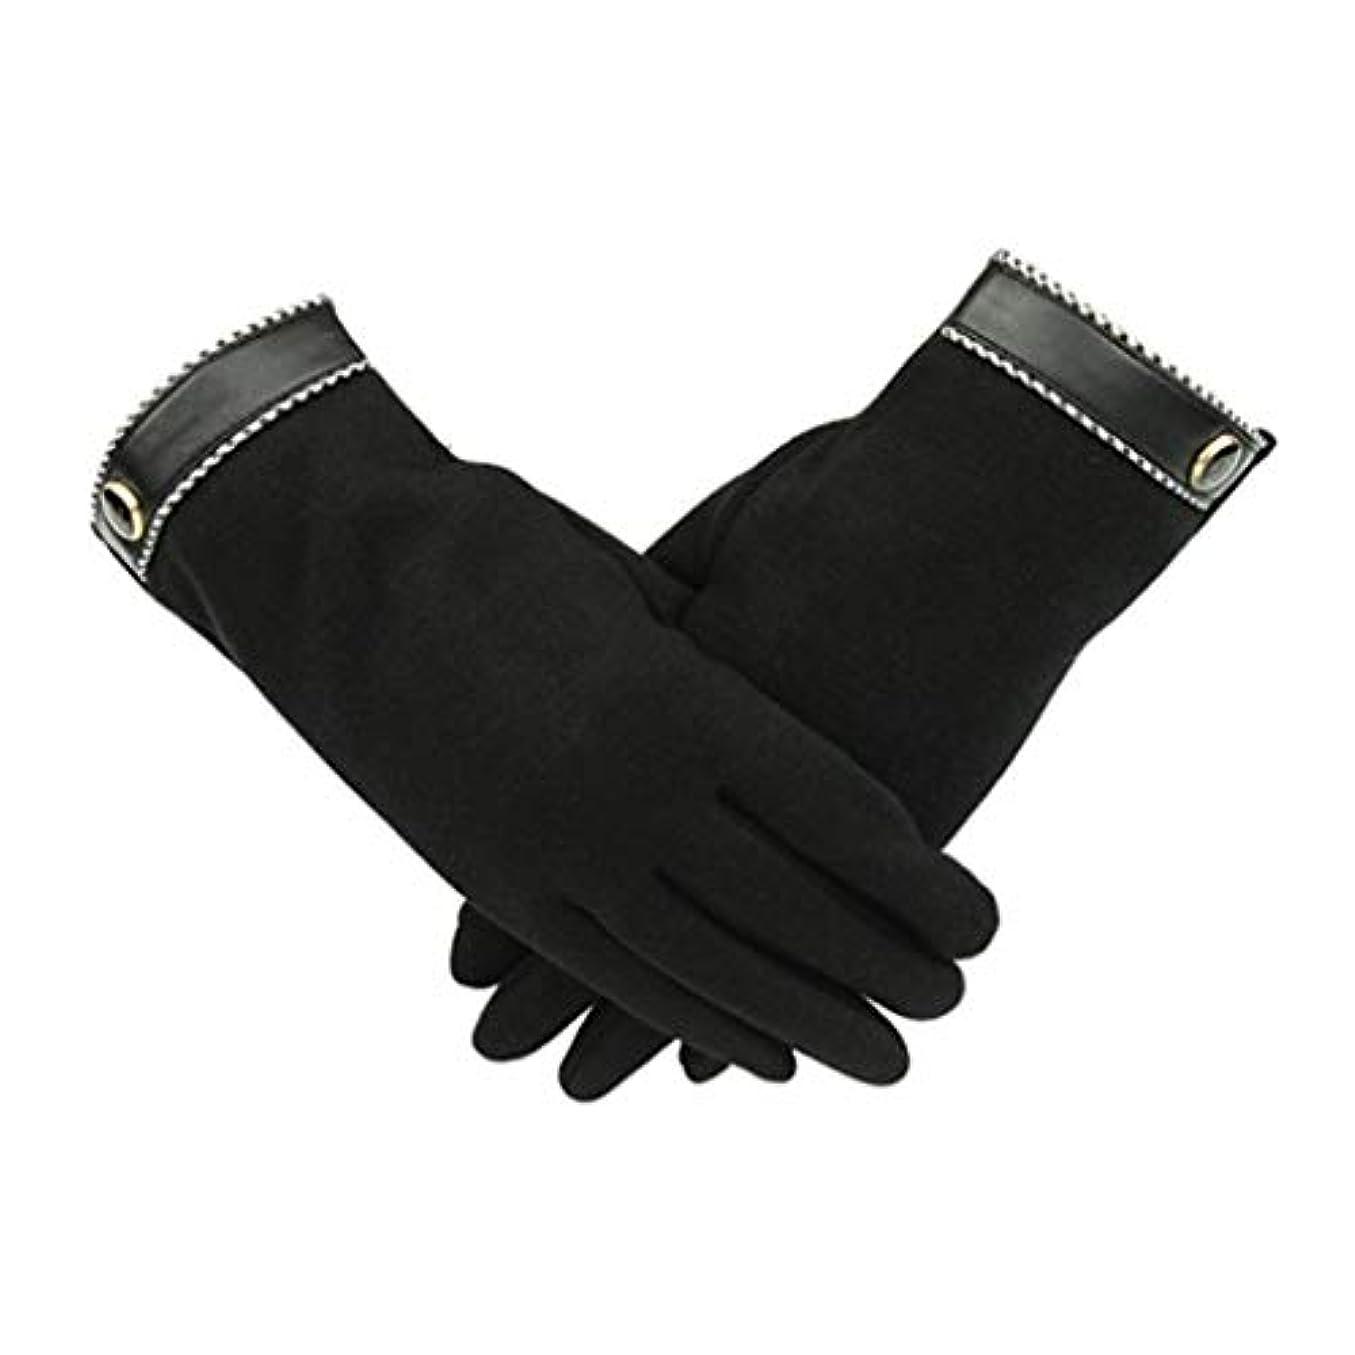 信頼性悲惨周術期手袋の男性プラスベルベット暖かい春と秋冬の屋外旅行は、ベルベットのタッチスクリーンの手袋ではない (色 : 黒)